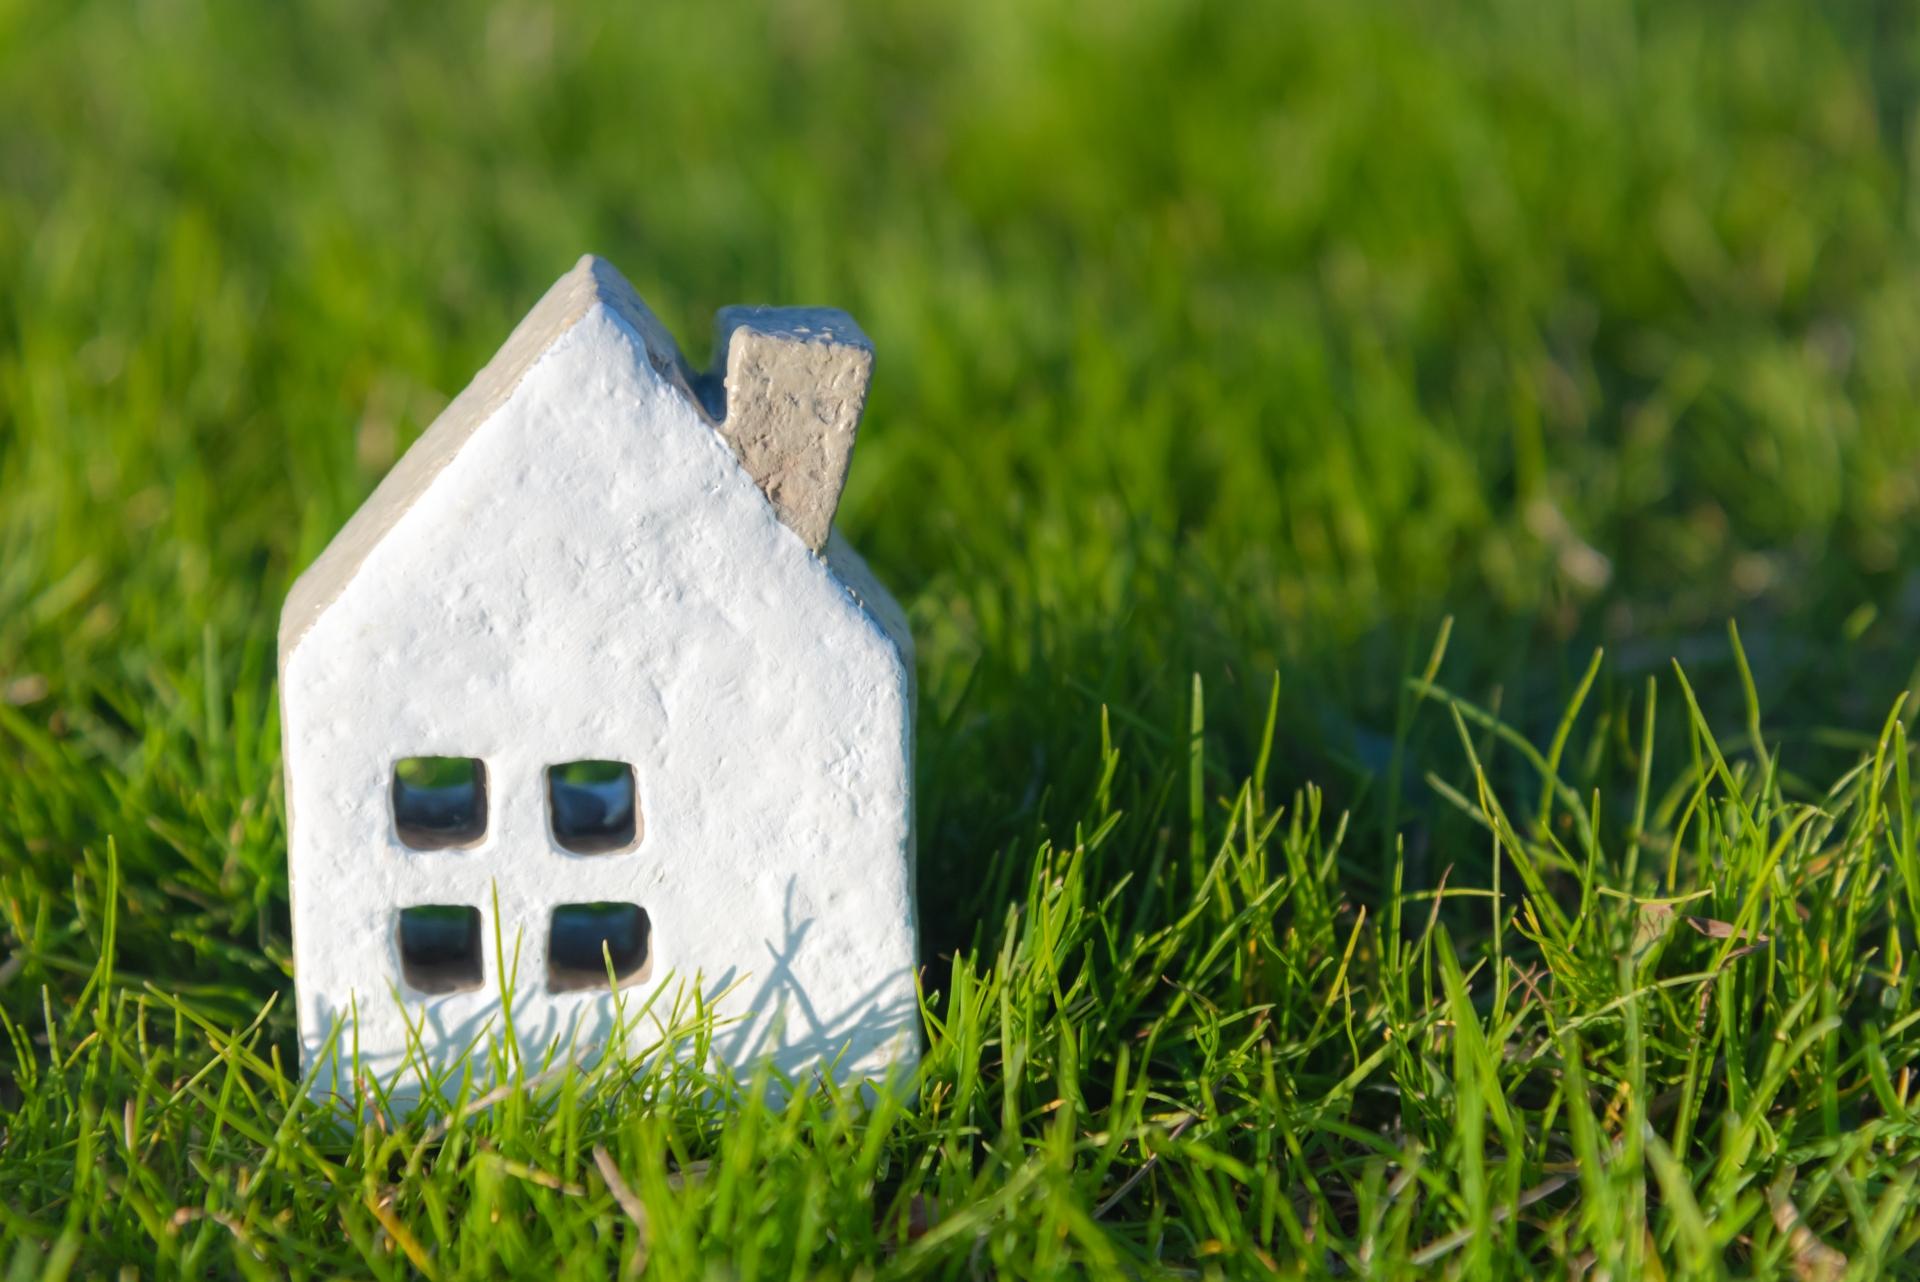 中古戸建・マンションを安心して売買するためのチェックポイント